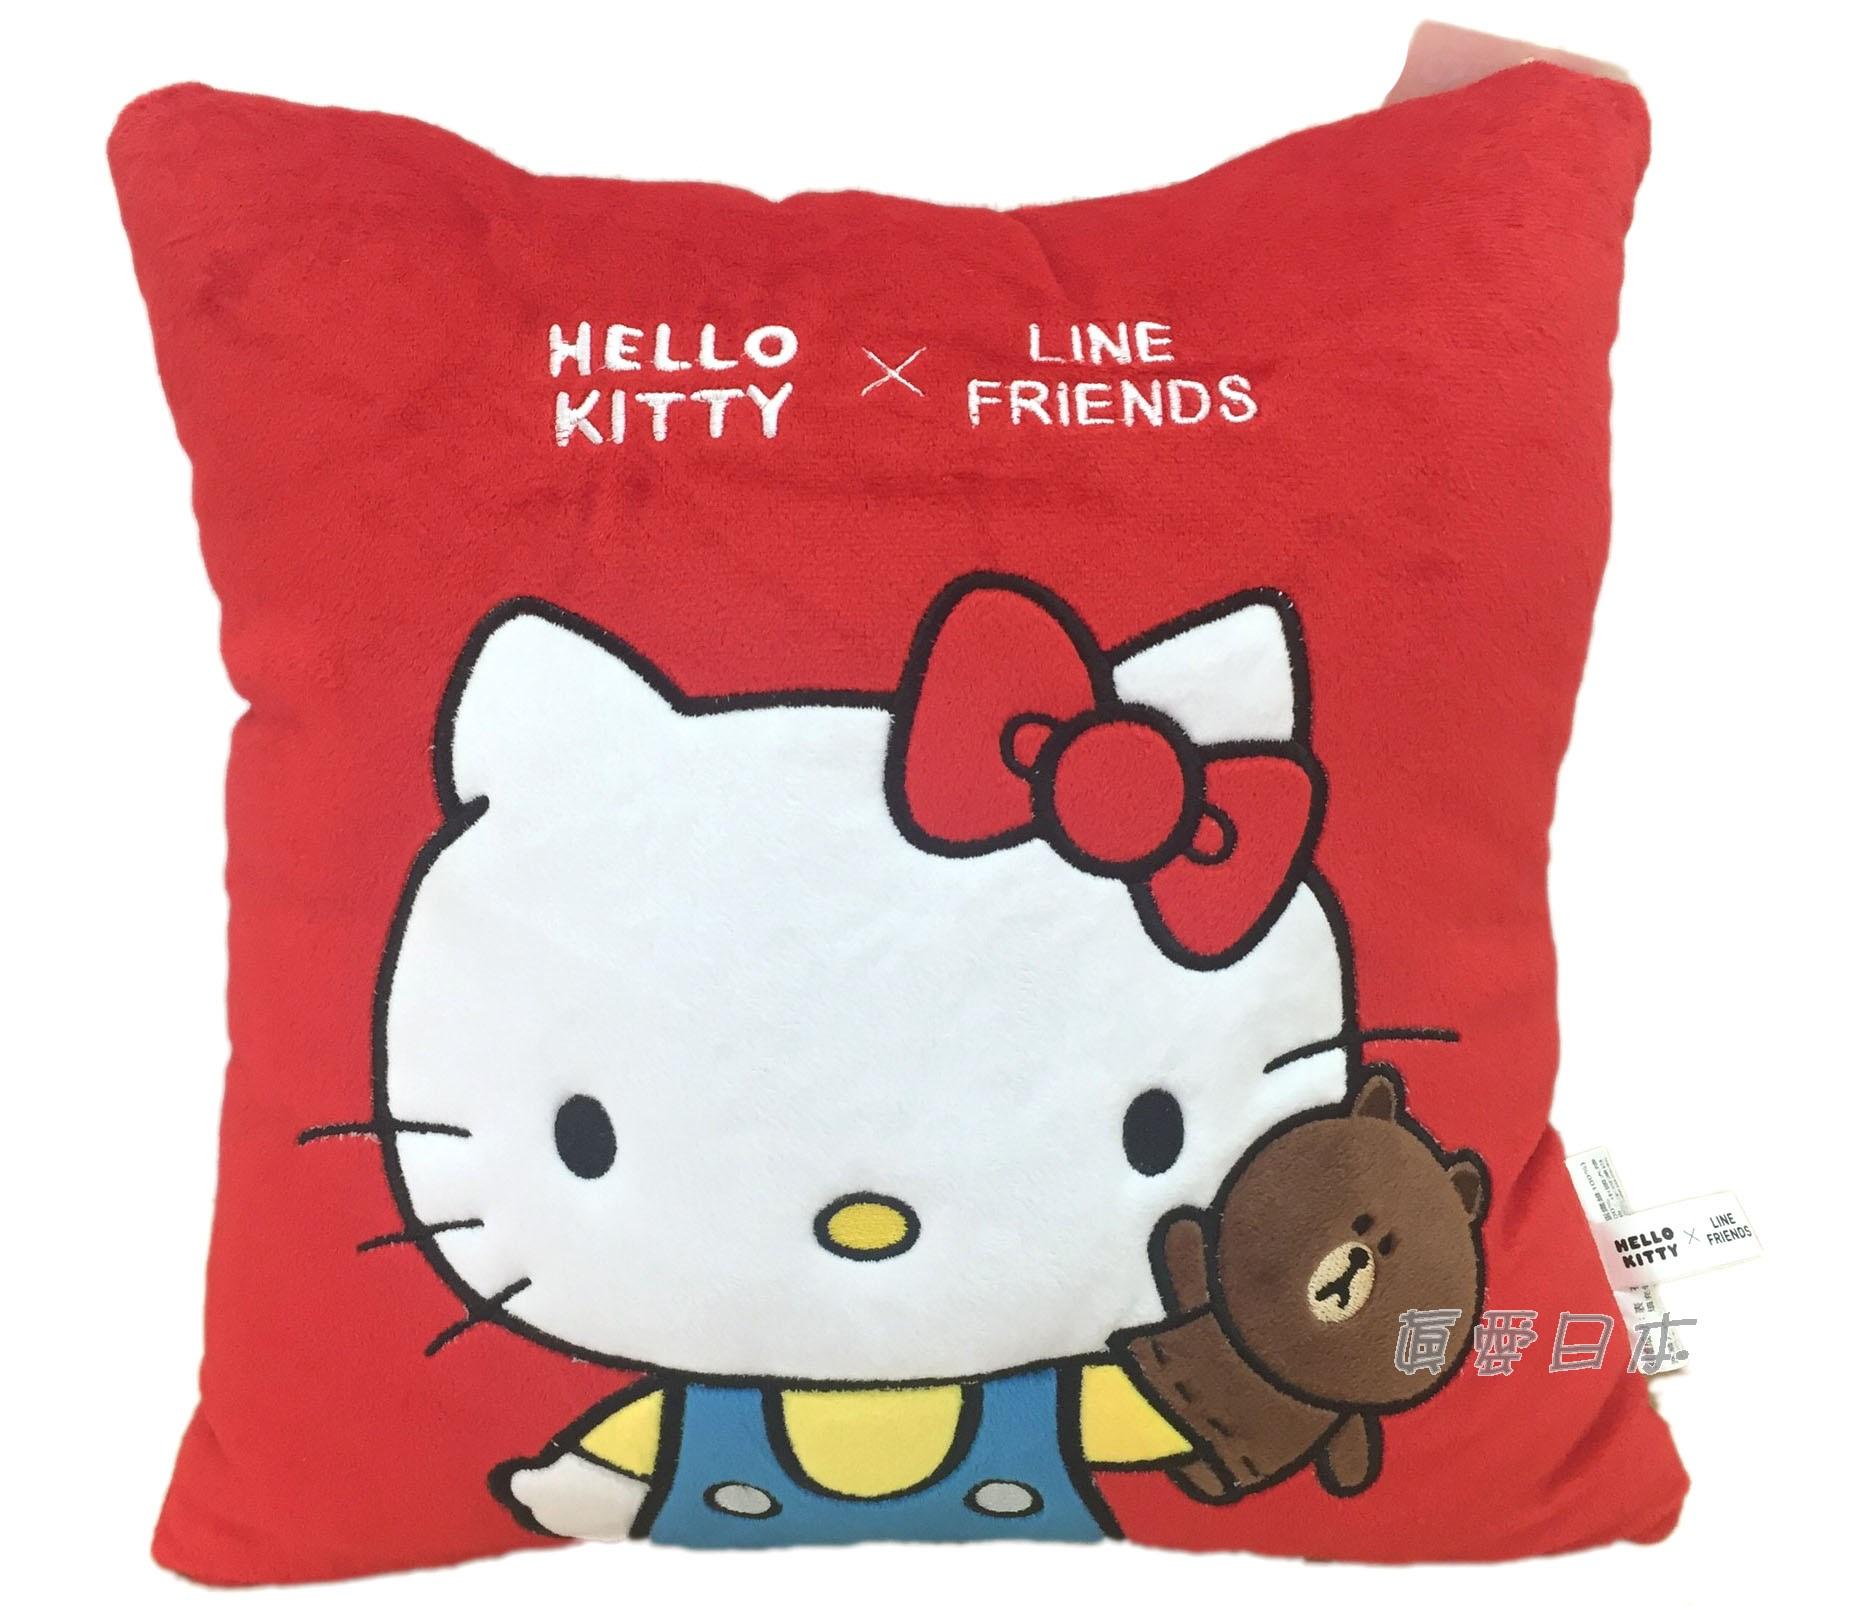 【真愛日本】16070600020 LINE聯名方抱枕-KT熊大手偶 三麗鷗 Hello Kitty 凱蒂貓 娃娃 抱枕 靠枕